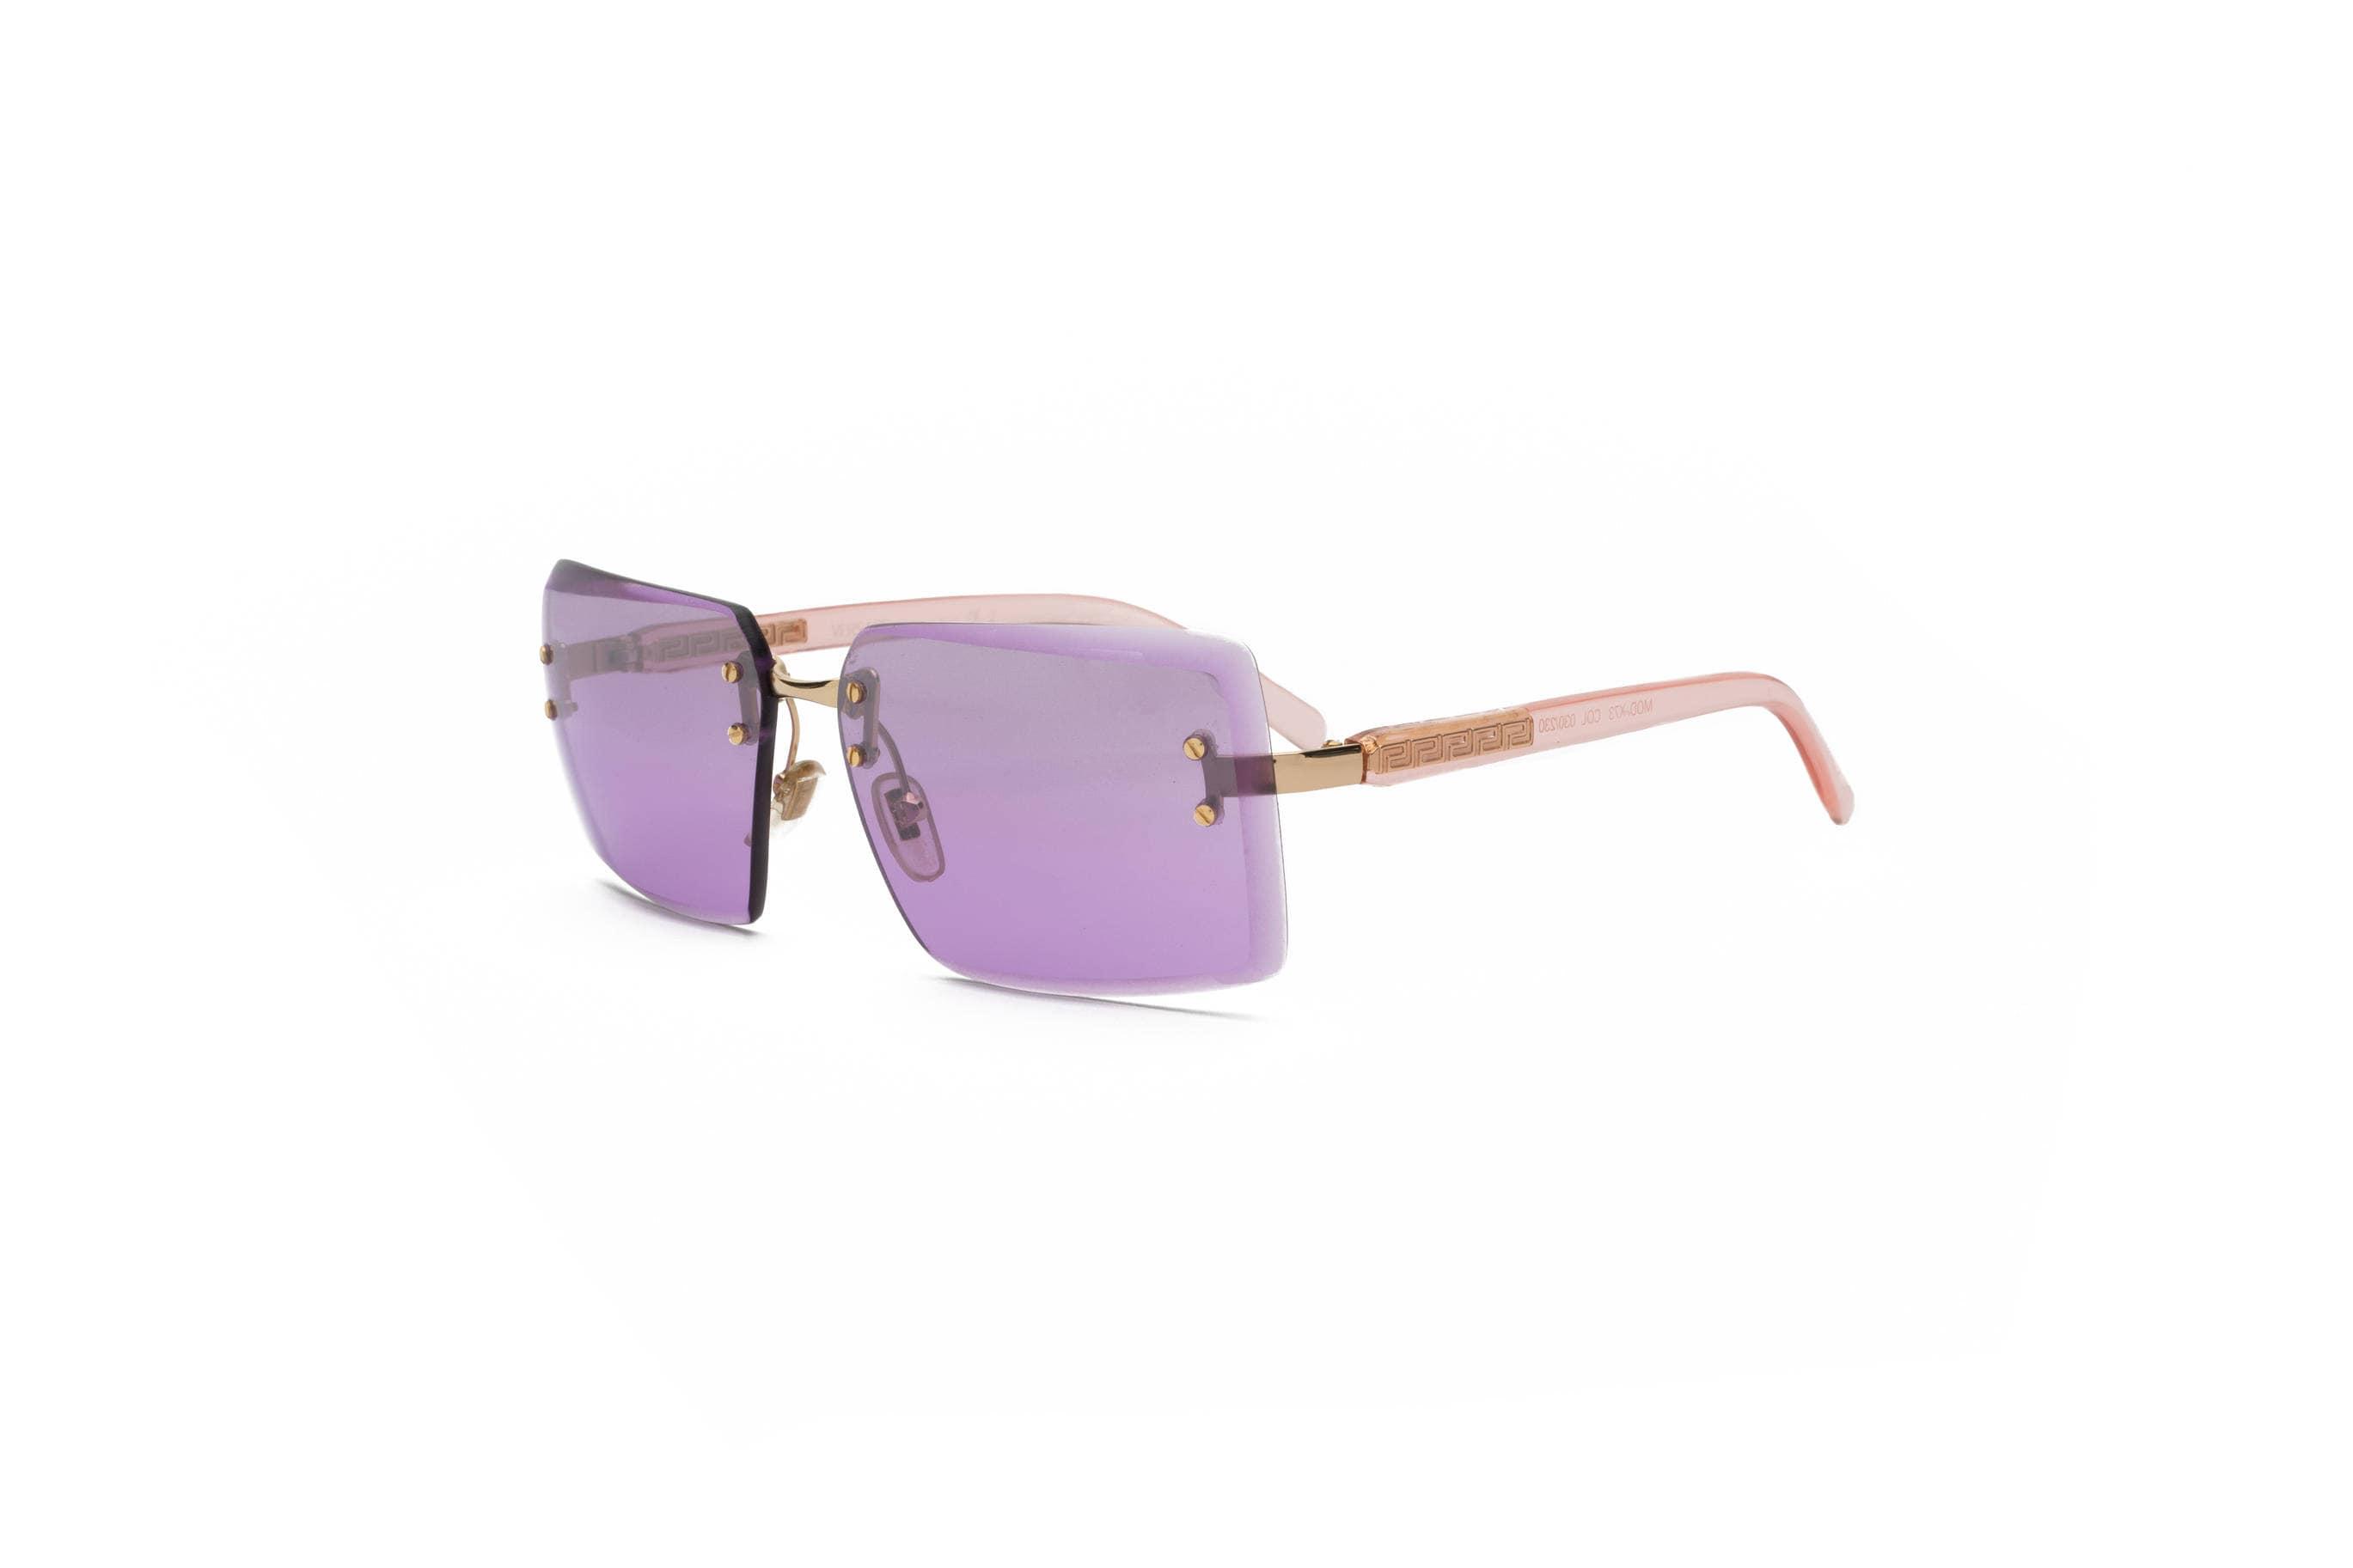 Gianni Versace Vintage Sonnenbrille Modell X73 gef 030/230